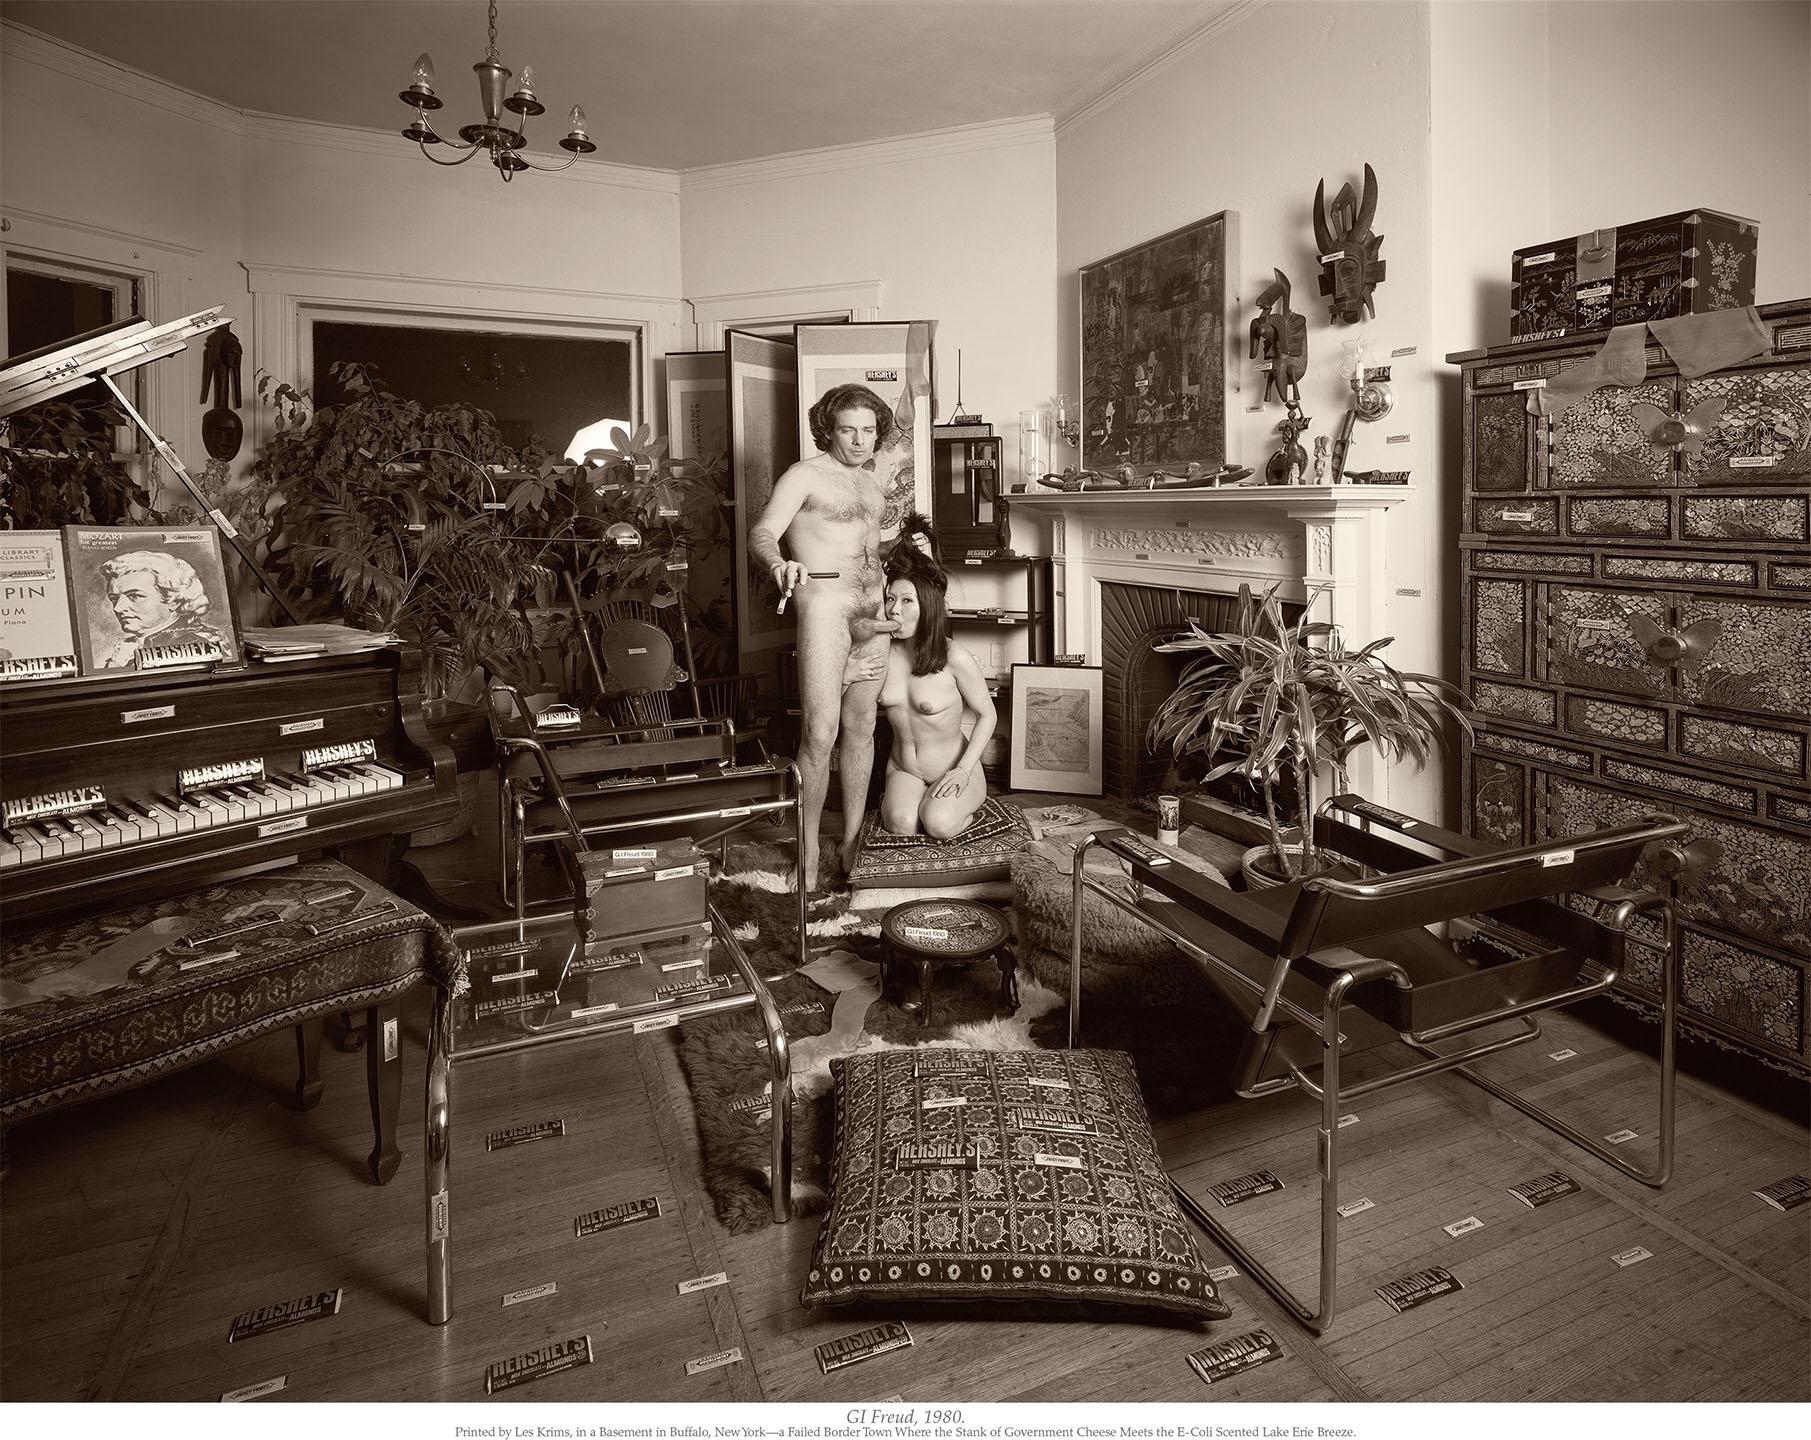 GI Freud, 1980